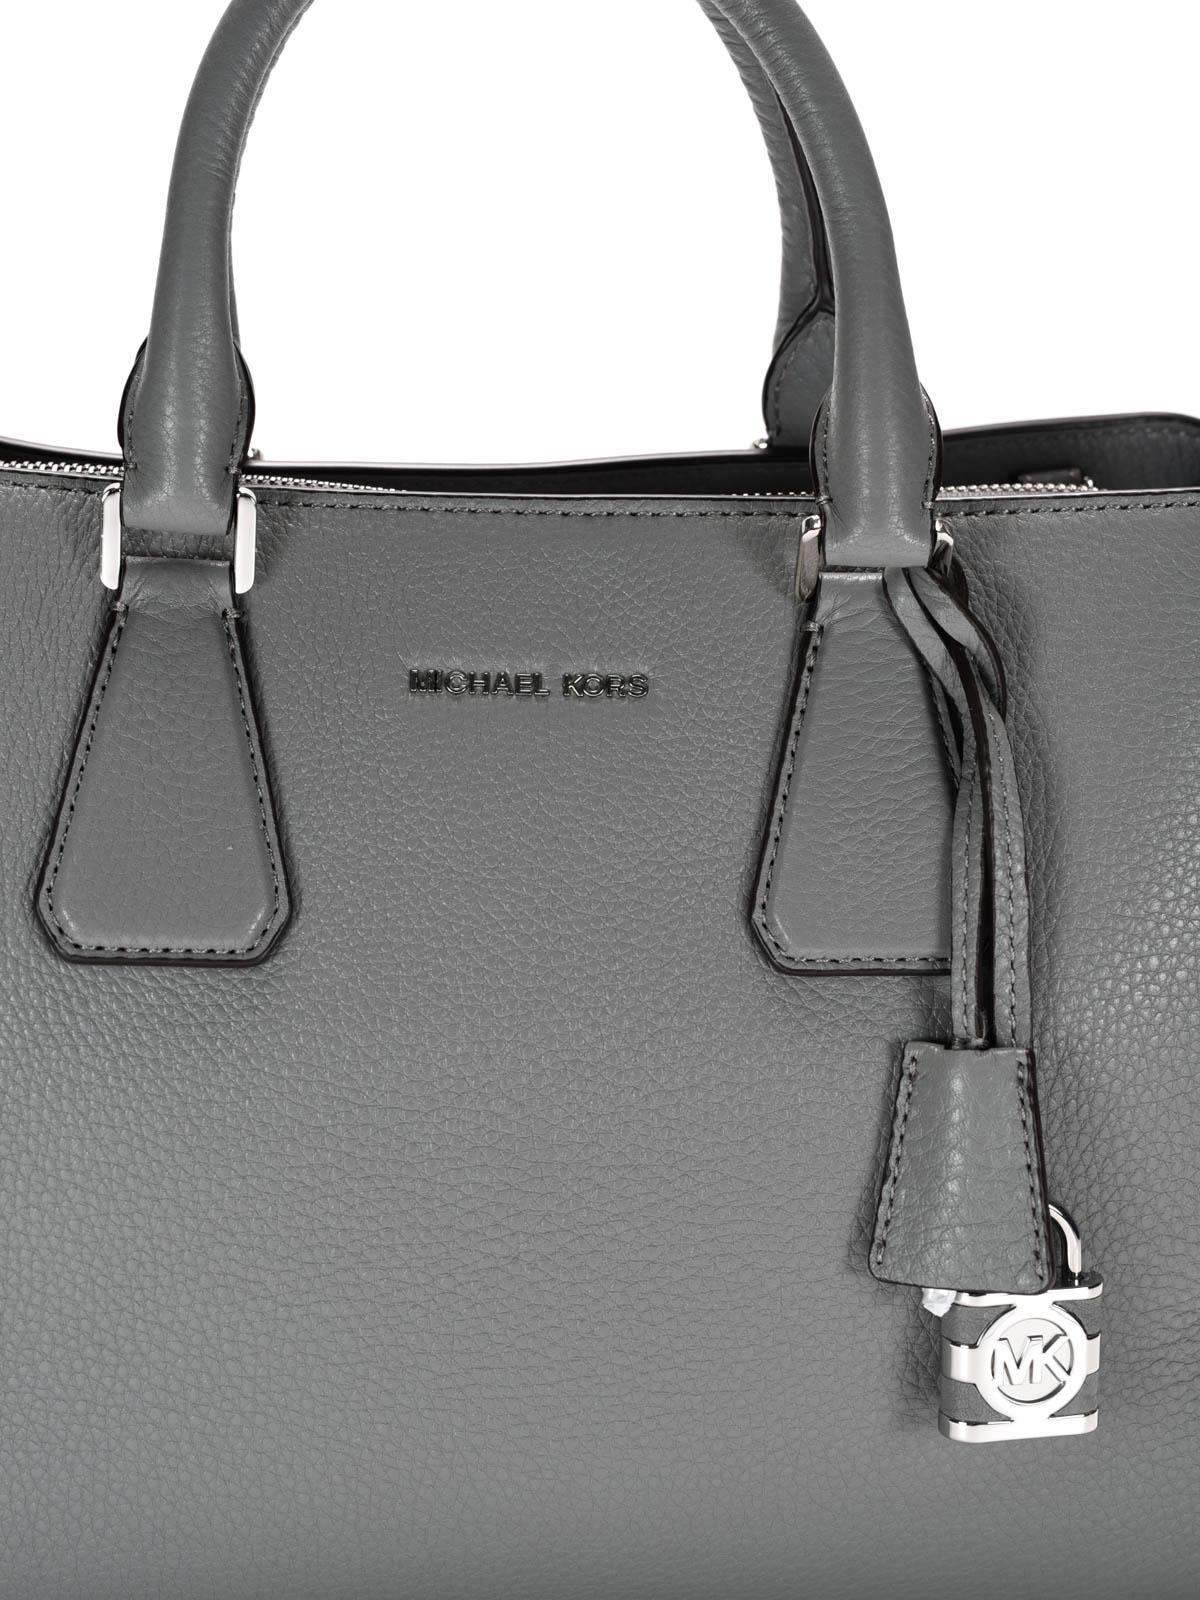 Michael Kors Camille Große Tragetasche Handtaschen